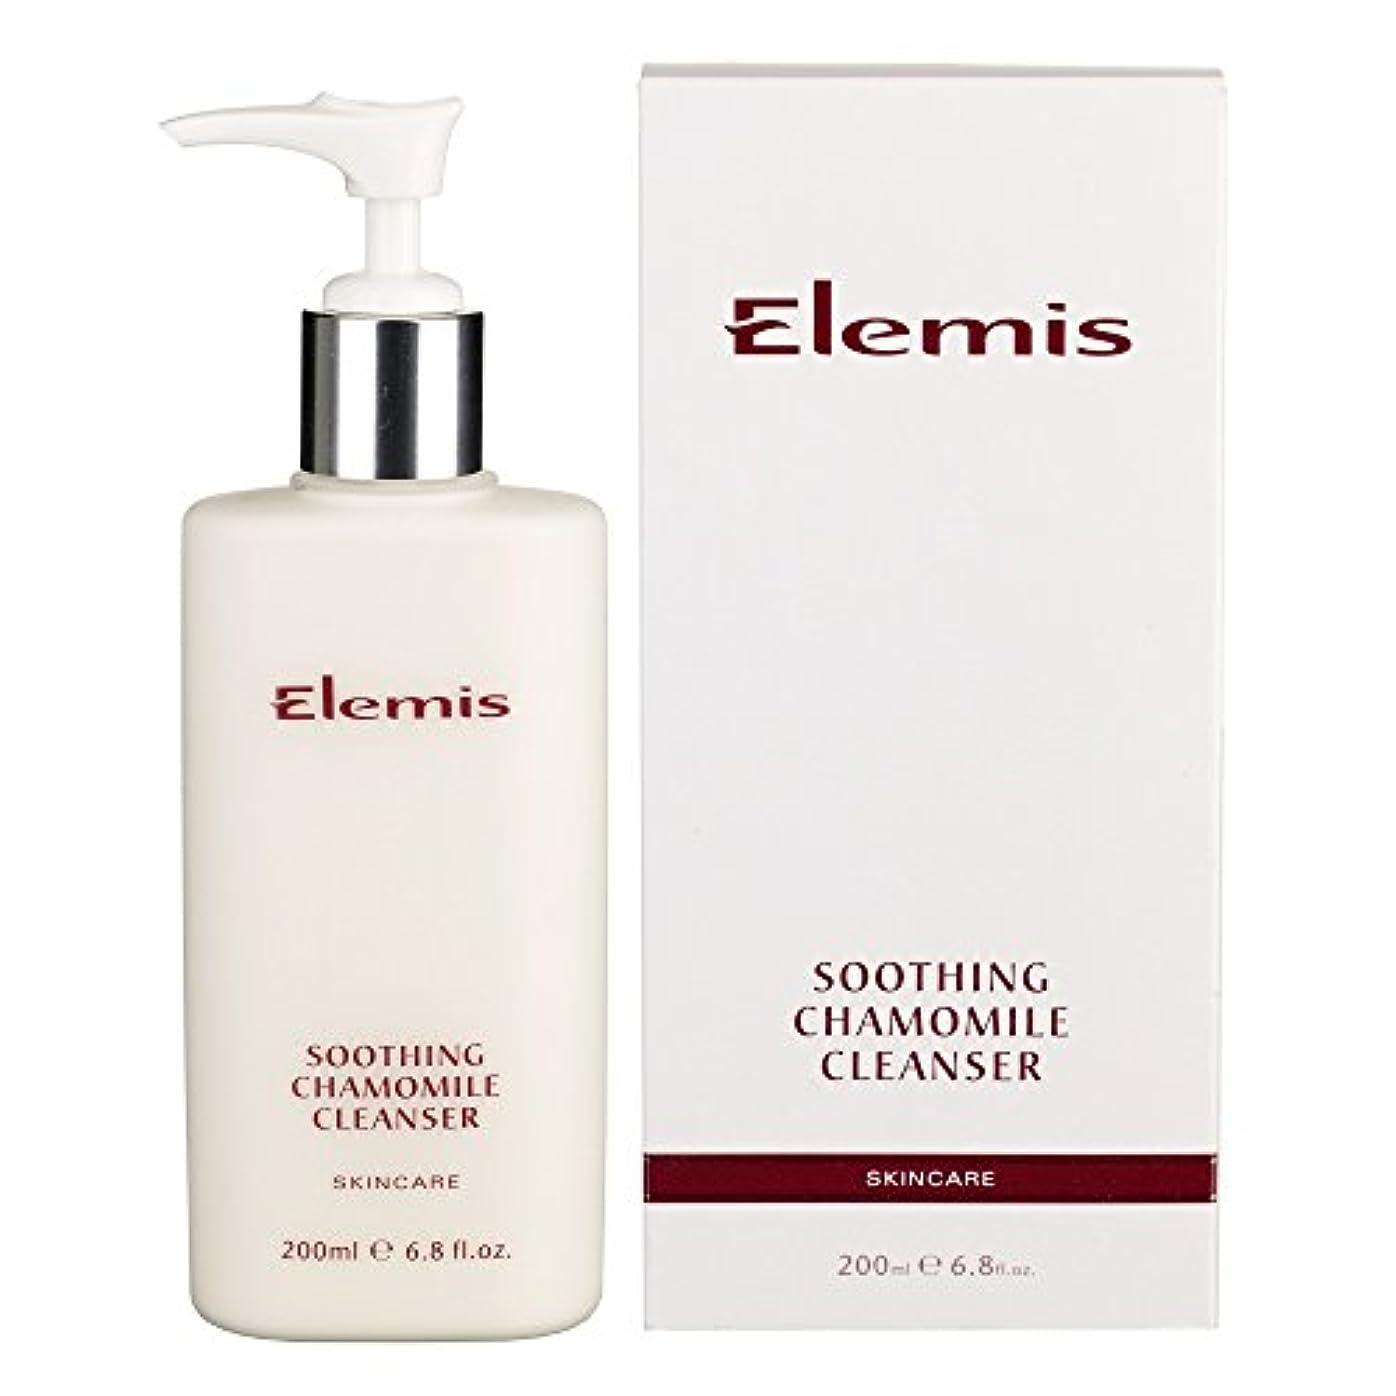 強調する原因岸エレミスはカモミールクレンザーをなだめるスキンケア (Elemis) - Elemis Skincare Soothing Chamomile Cleanser [並行輸入品]